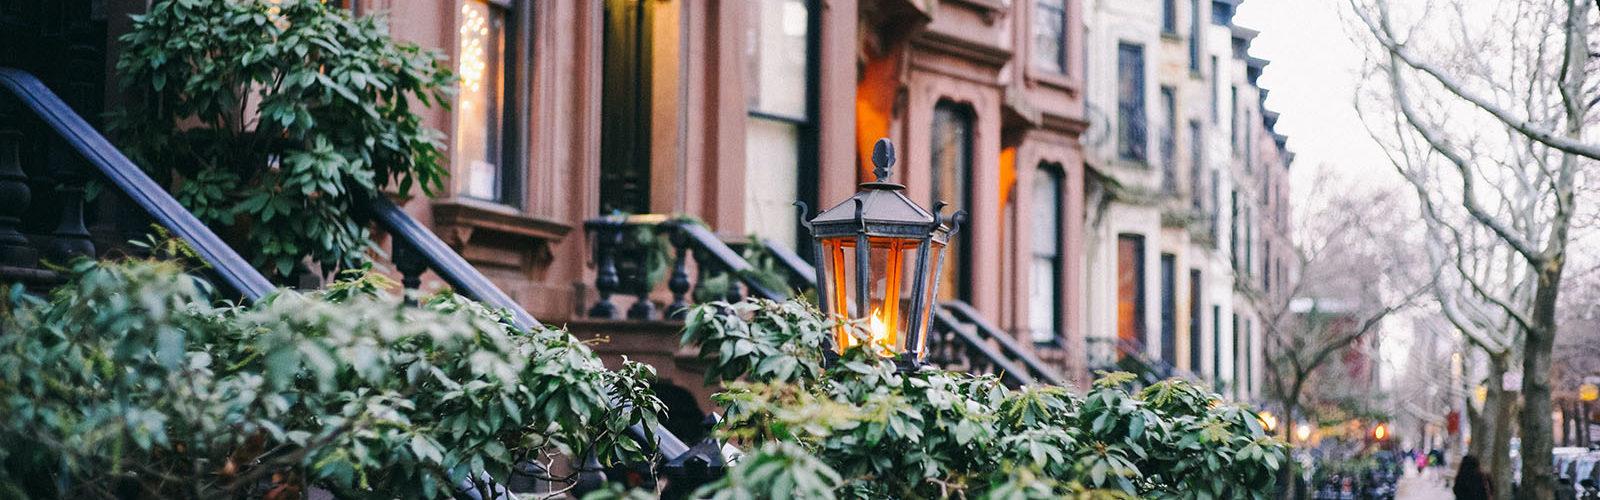 Vivre En Appartement Ou En Maison devenir propriétaire à new york - achat immobilier, appartement